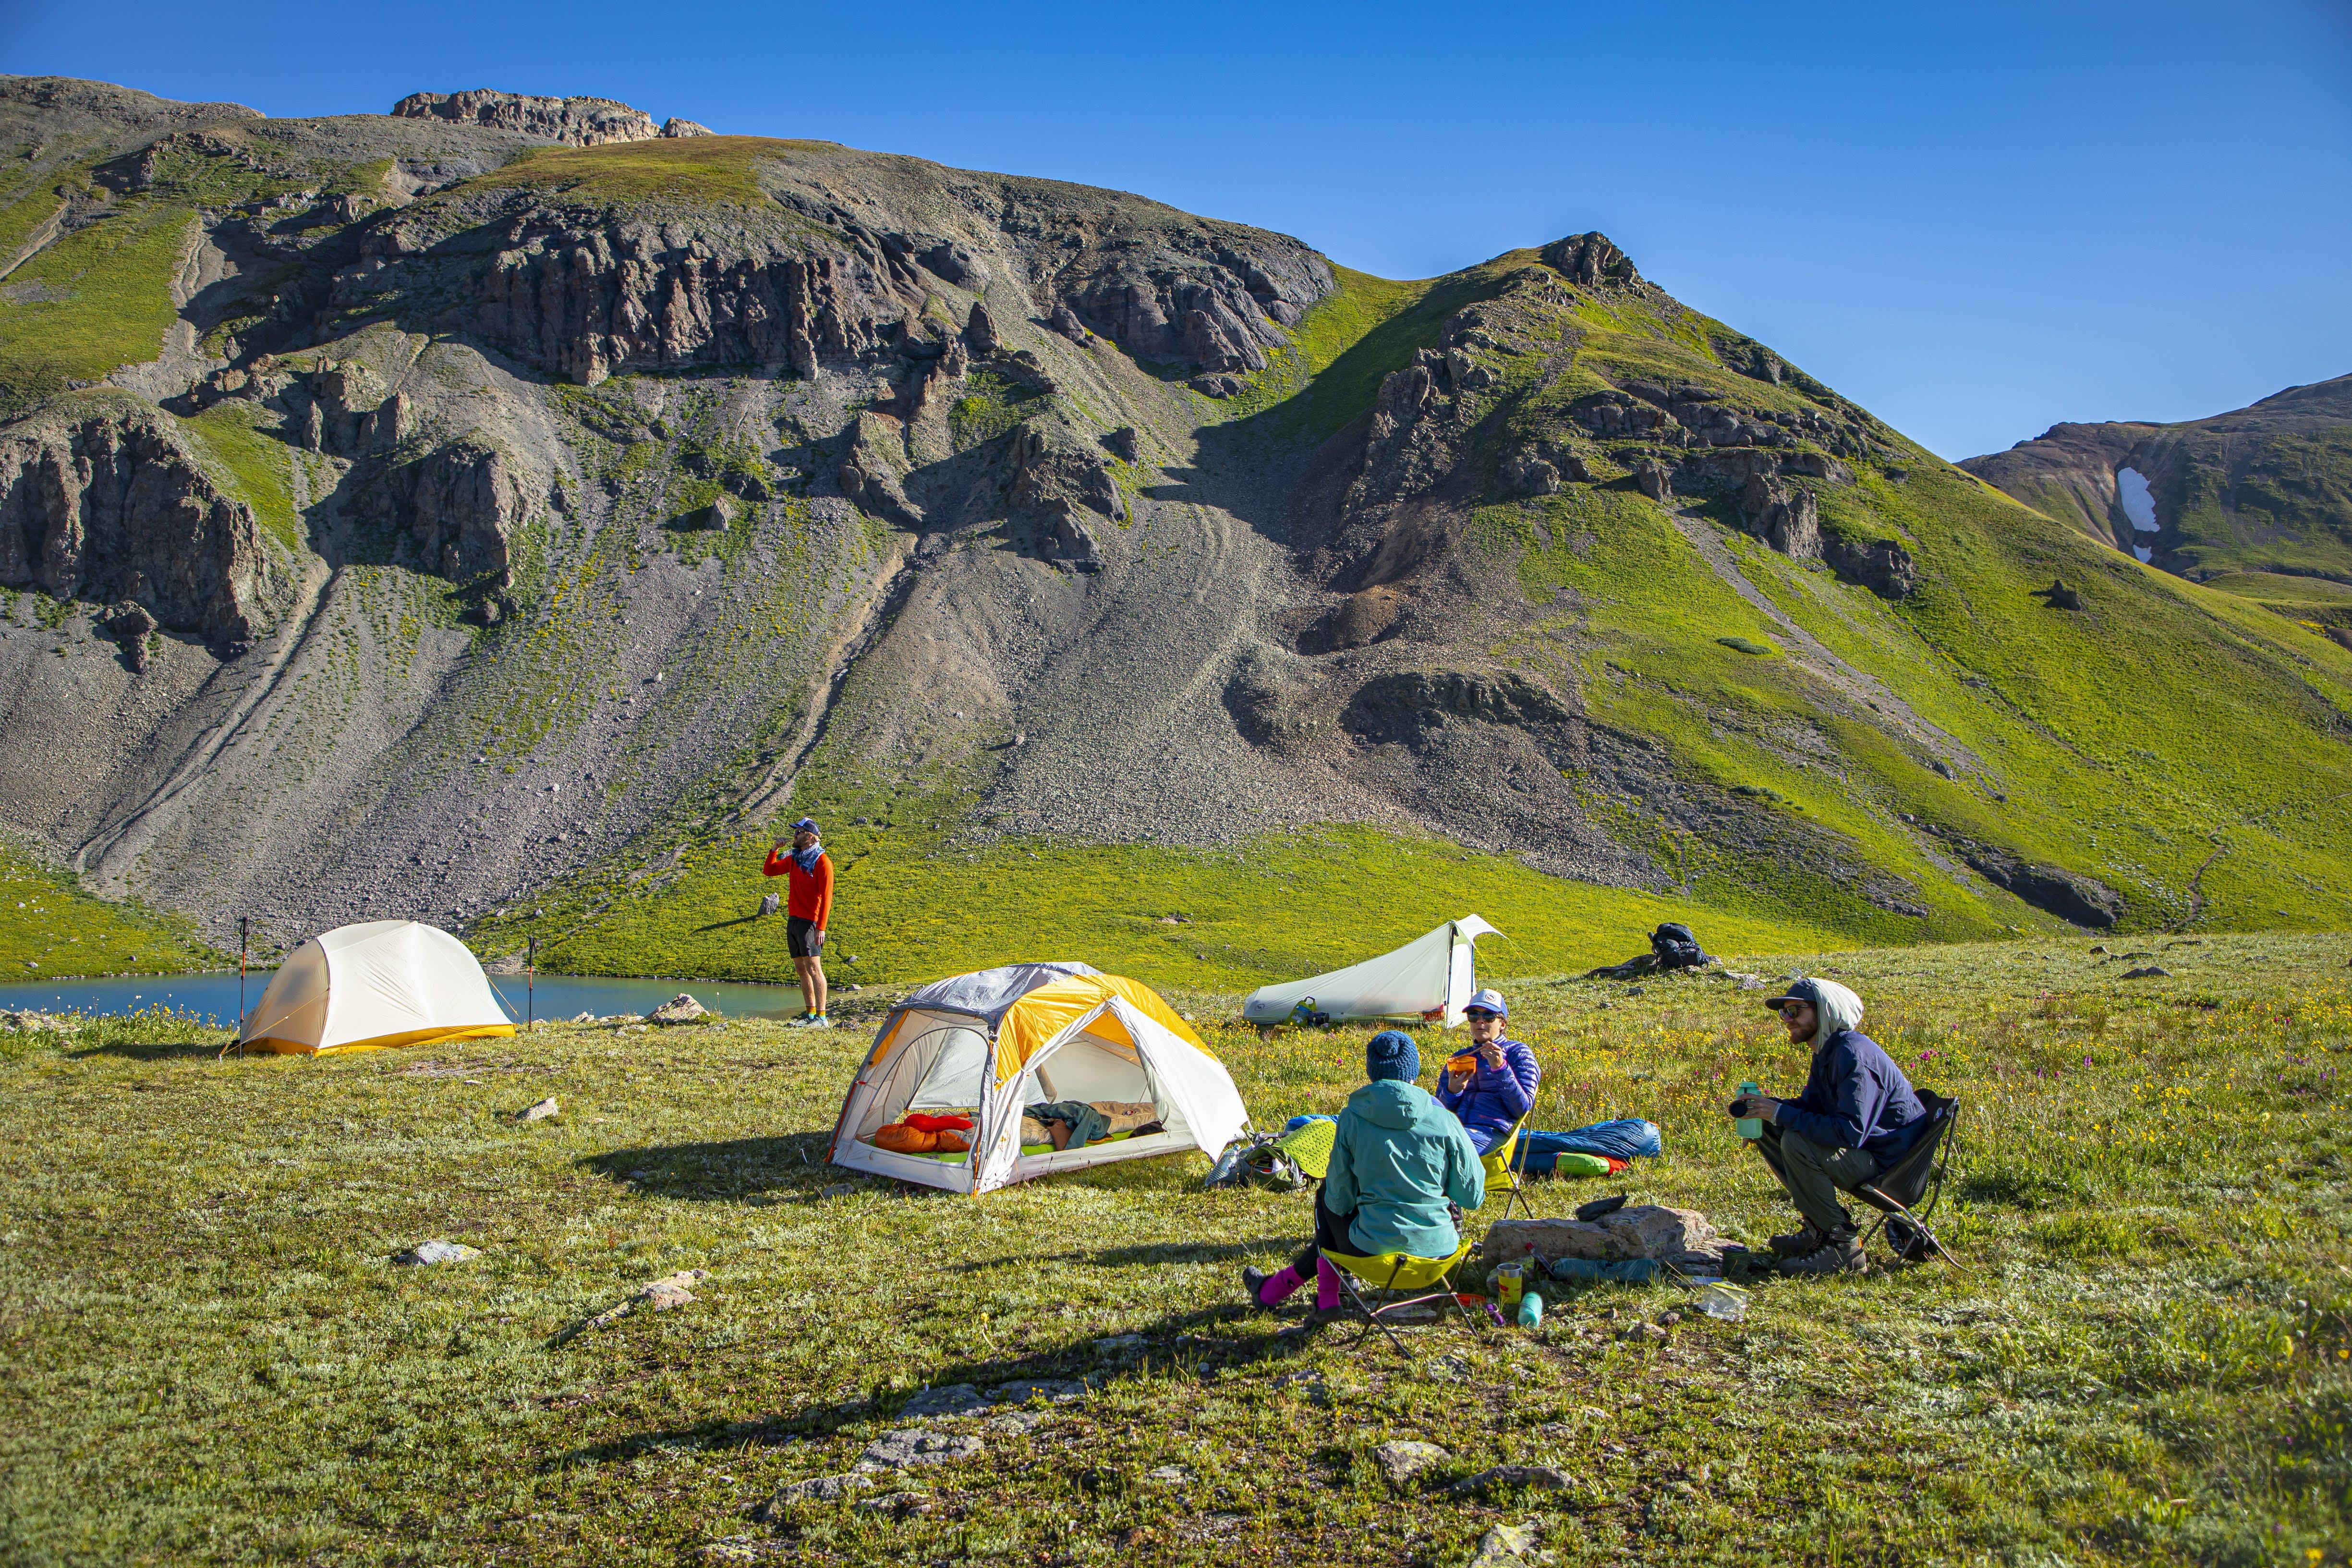 Big agnes Zelte stehen auf einer Wiese. Menschen bauen das Camp auf. Im Hintergrund sind Berge zu sehen. Die Sonne scheint.